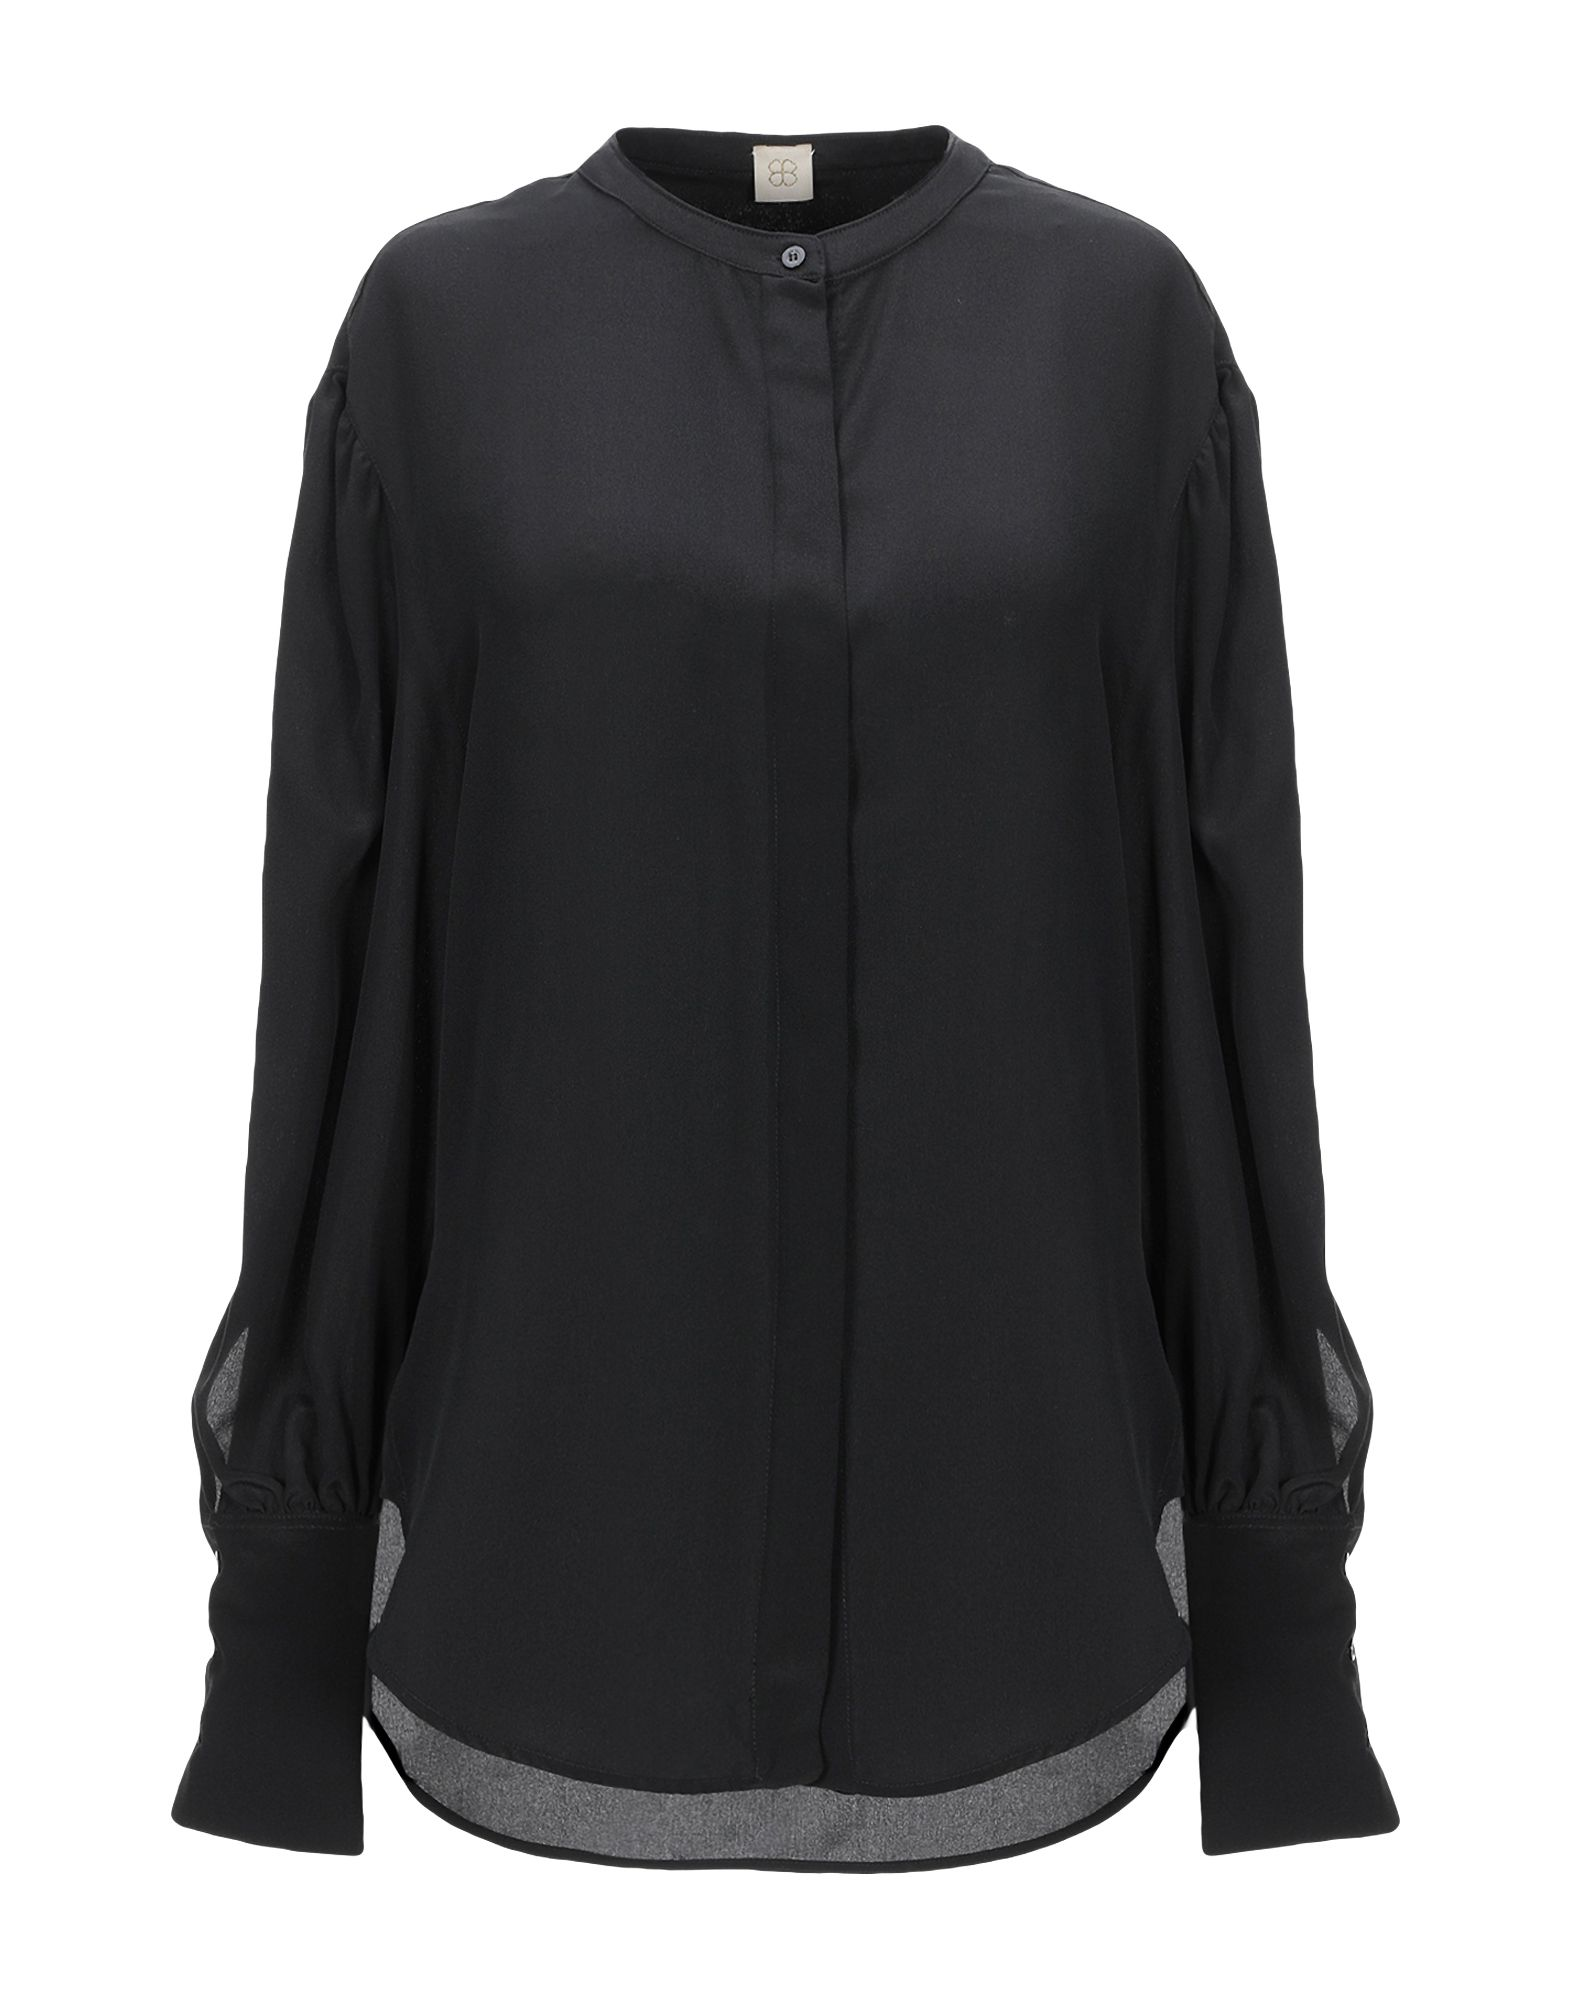 《送料無料》TRUE ROYAL レディース シャツ ブラック 38 シルク 100%